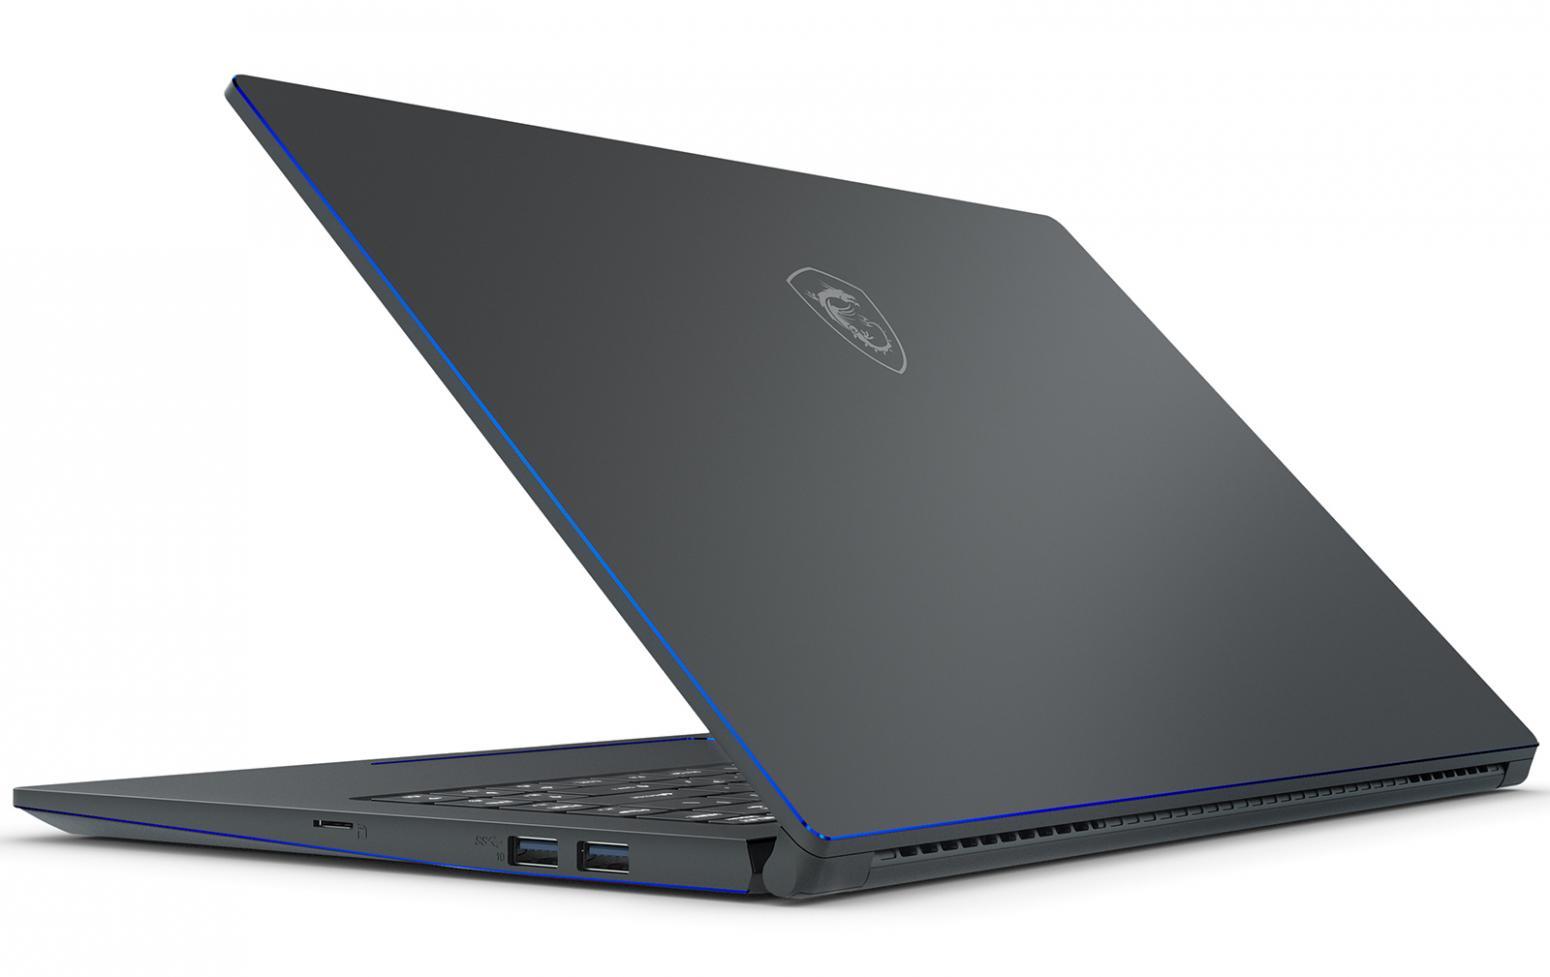 Ordinateur portable MSI PS63 8RDS-202FR Modern Gris Bleu - GTX 1050 Ti Max-Q - photo 5